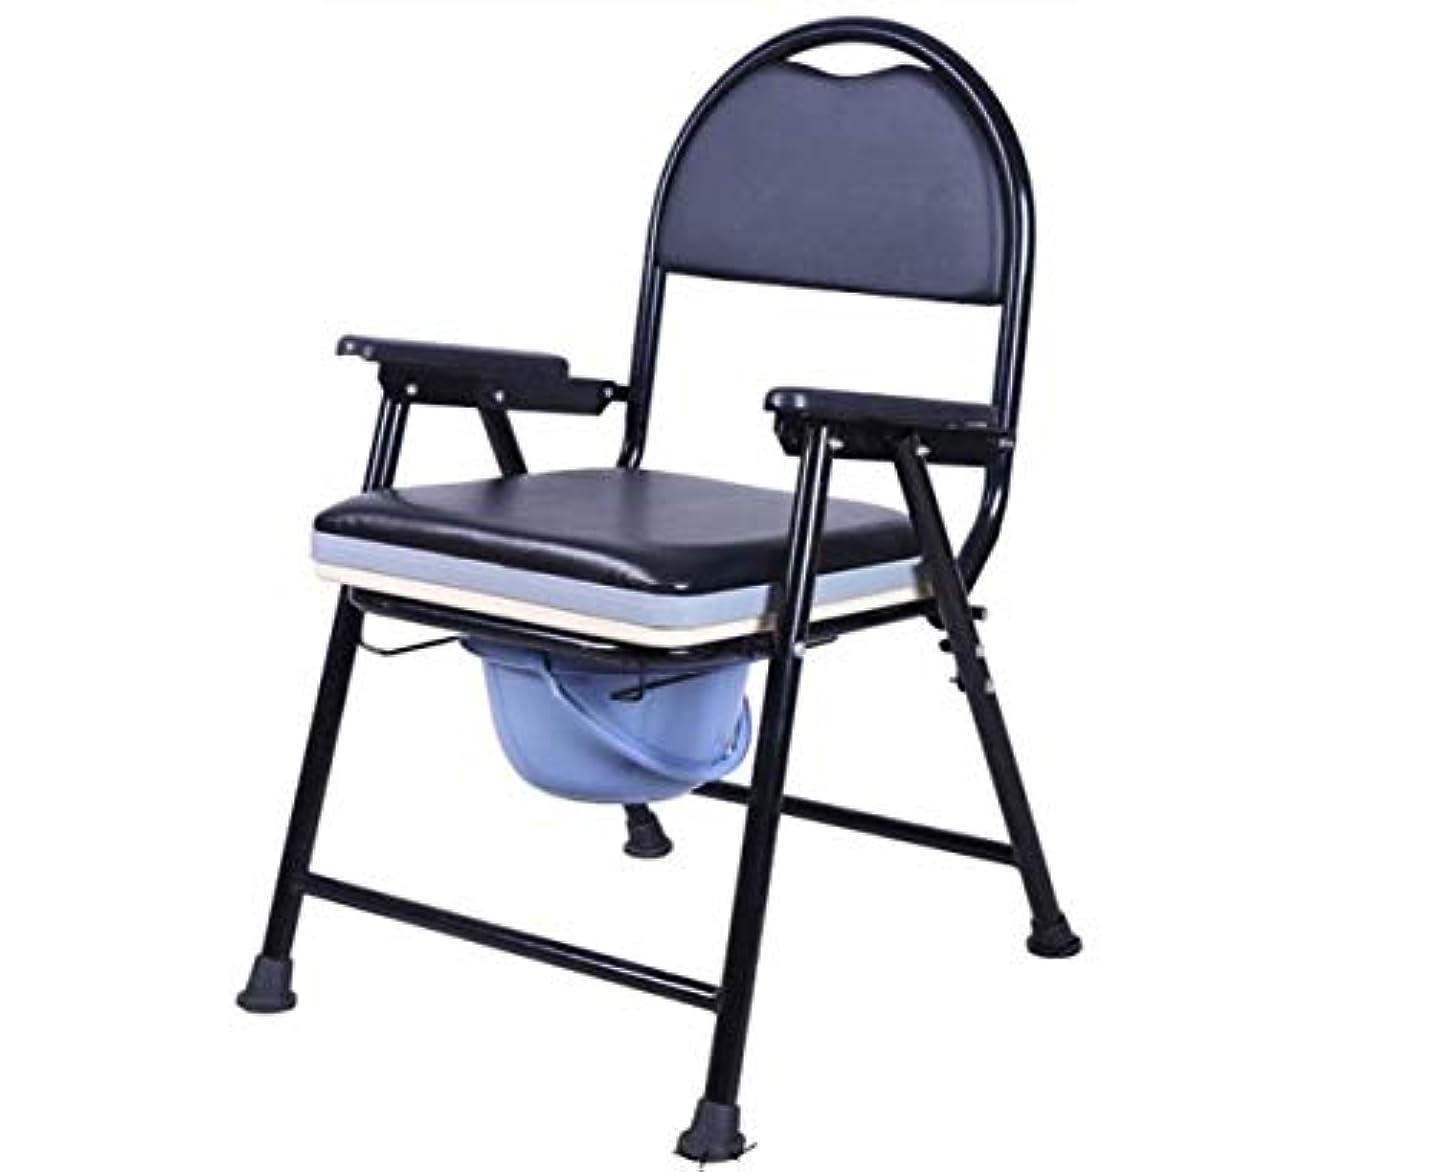 ナイロンあごひげ憧れ折りたたみ式mode椅子とトイレサラウンド、軽量、丈夫、シンプル、高齢者高齢者向けのバスルームサポート、無効